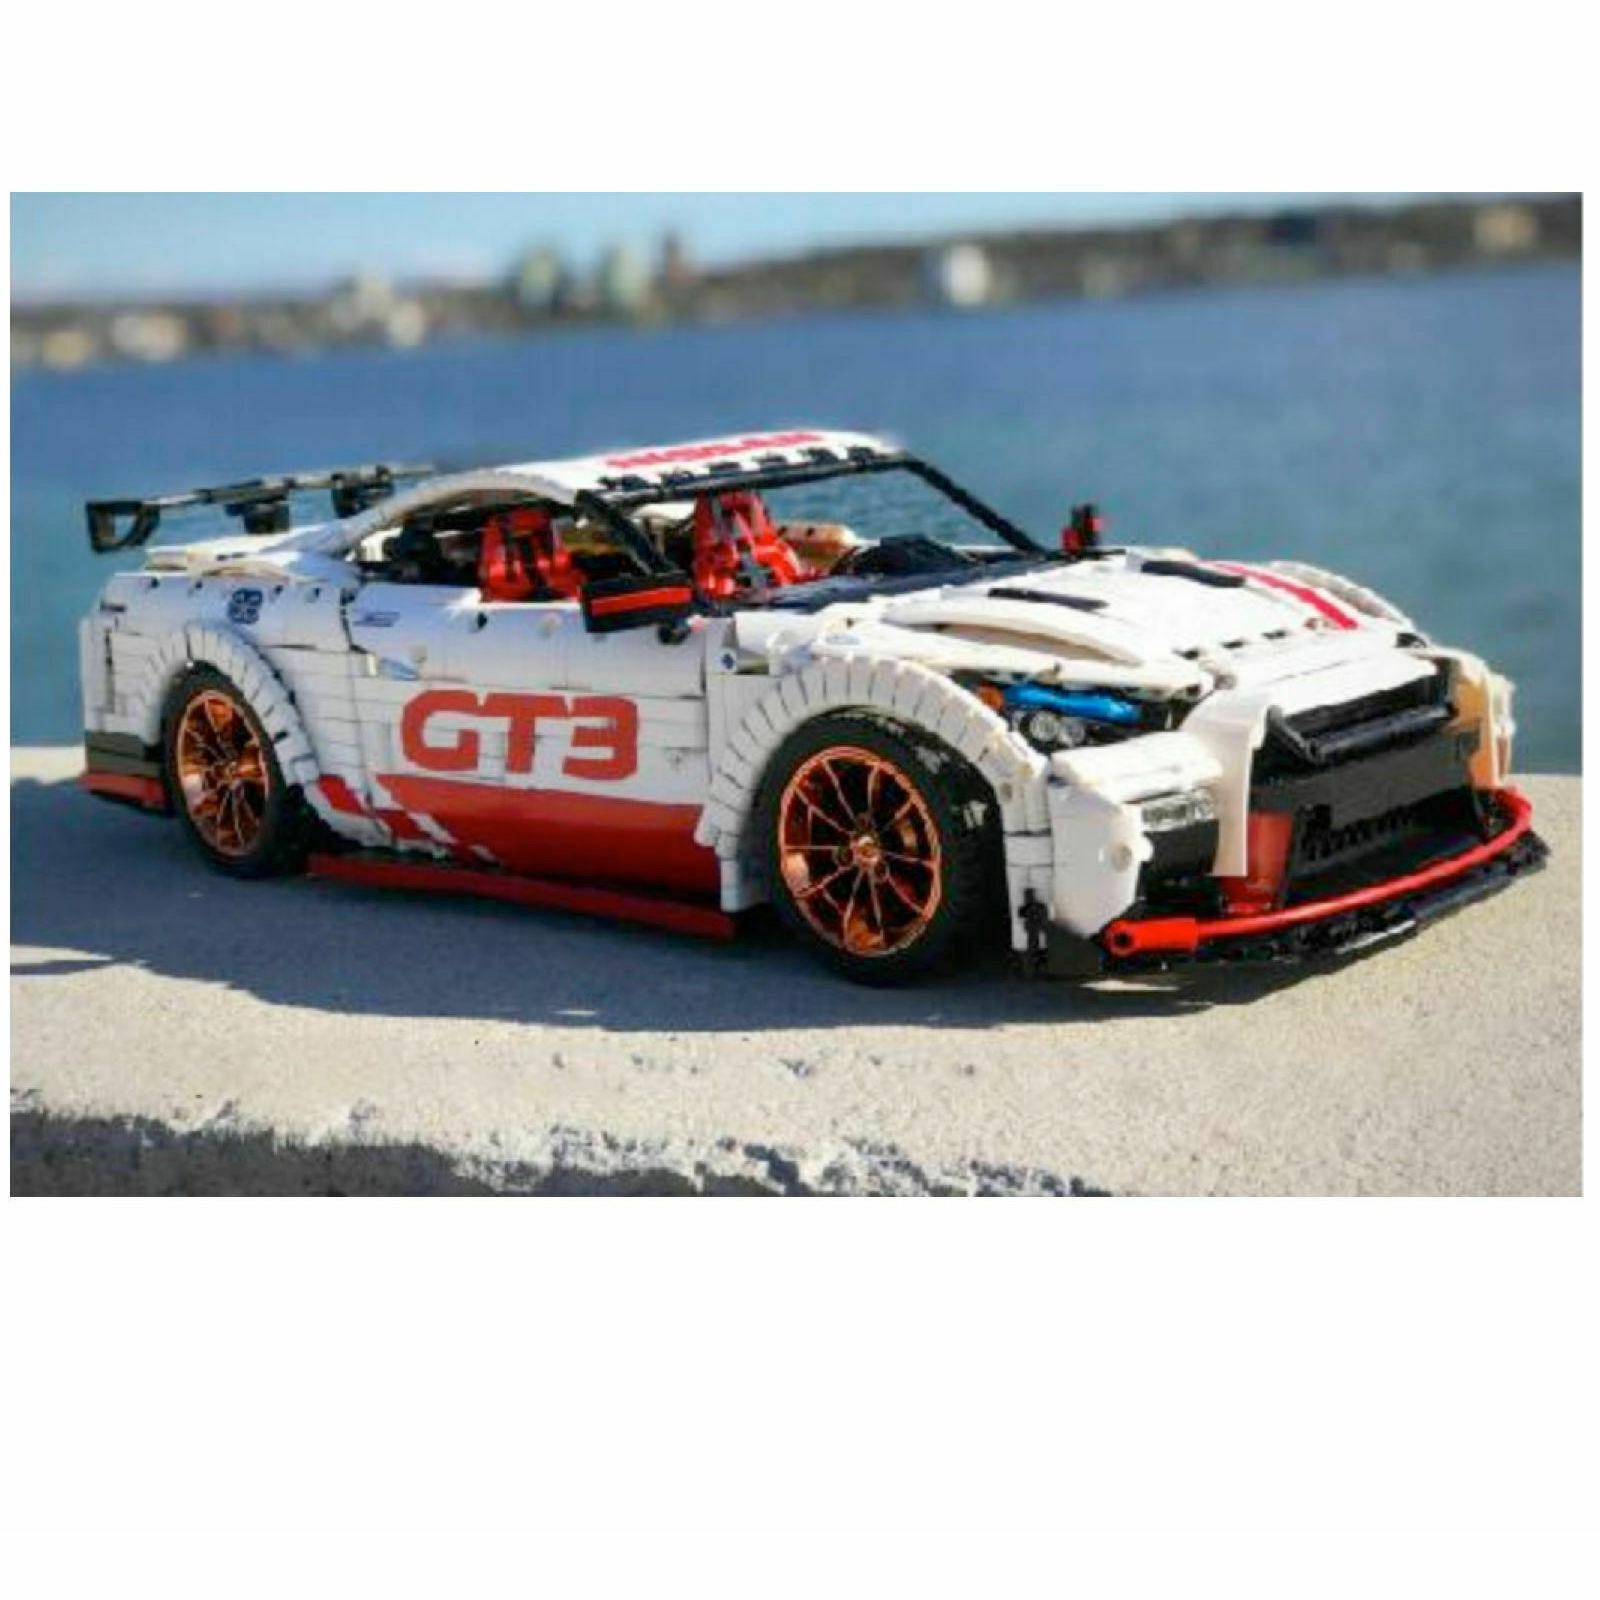 CAR NISSAN GTR GT3 NISMO RACE costruzione mattoni Technic Lego Compatibile